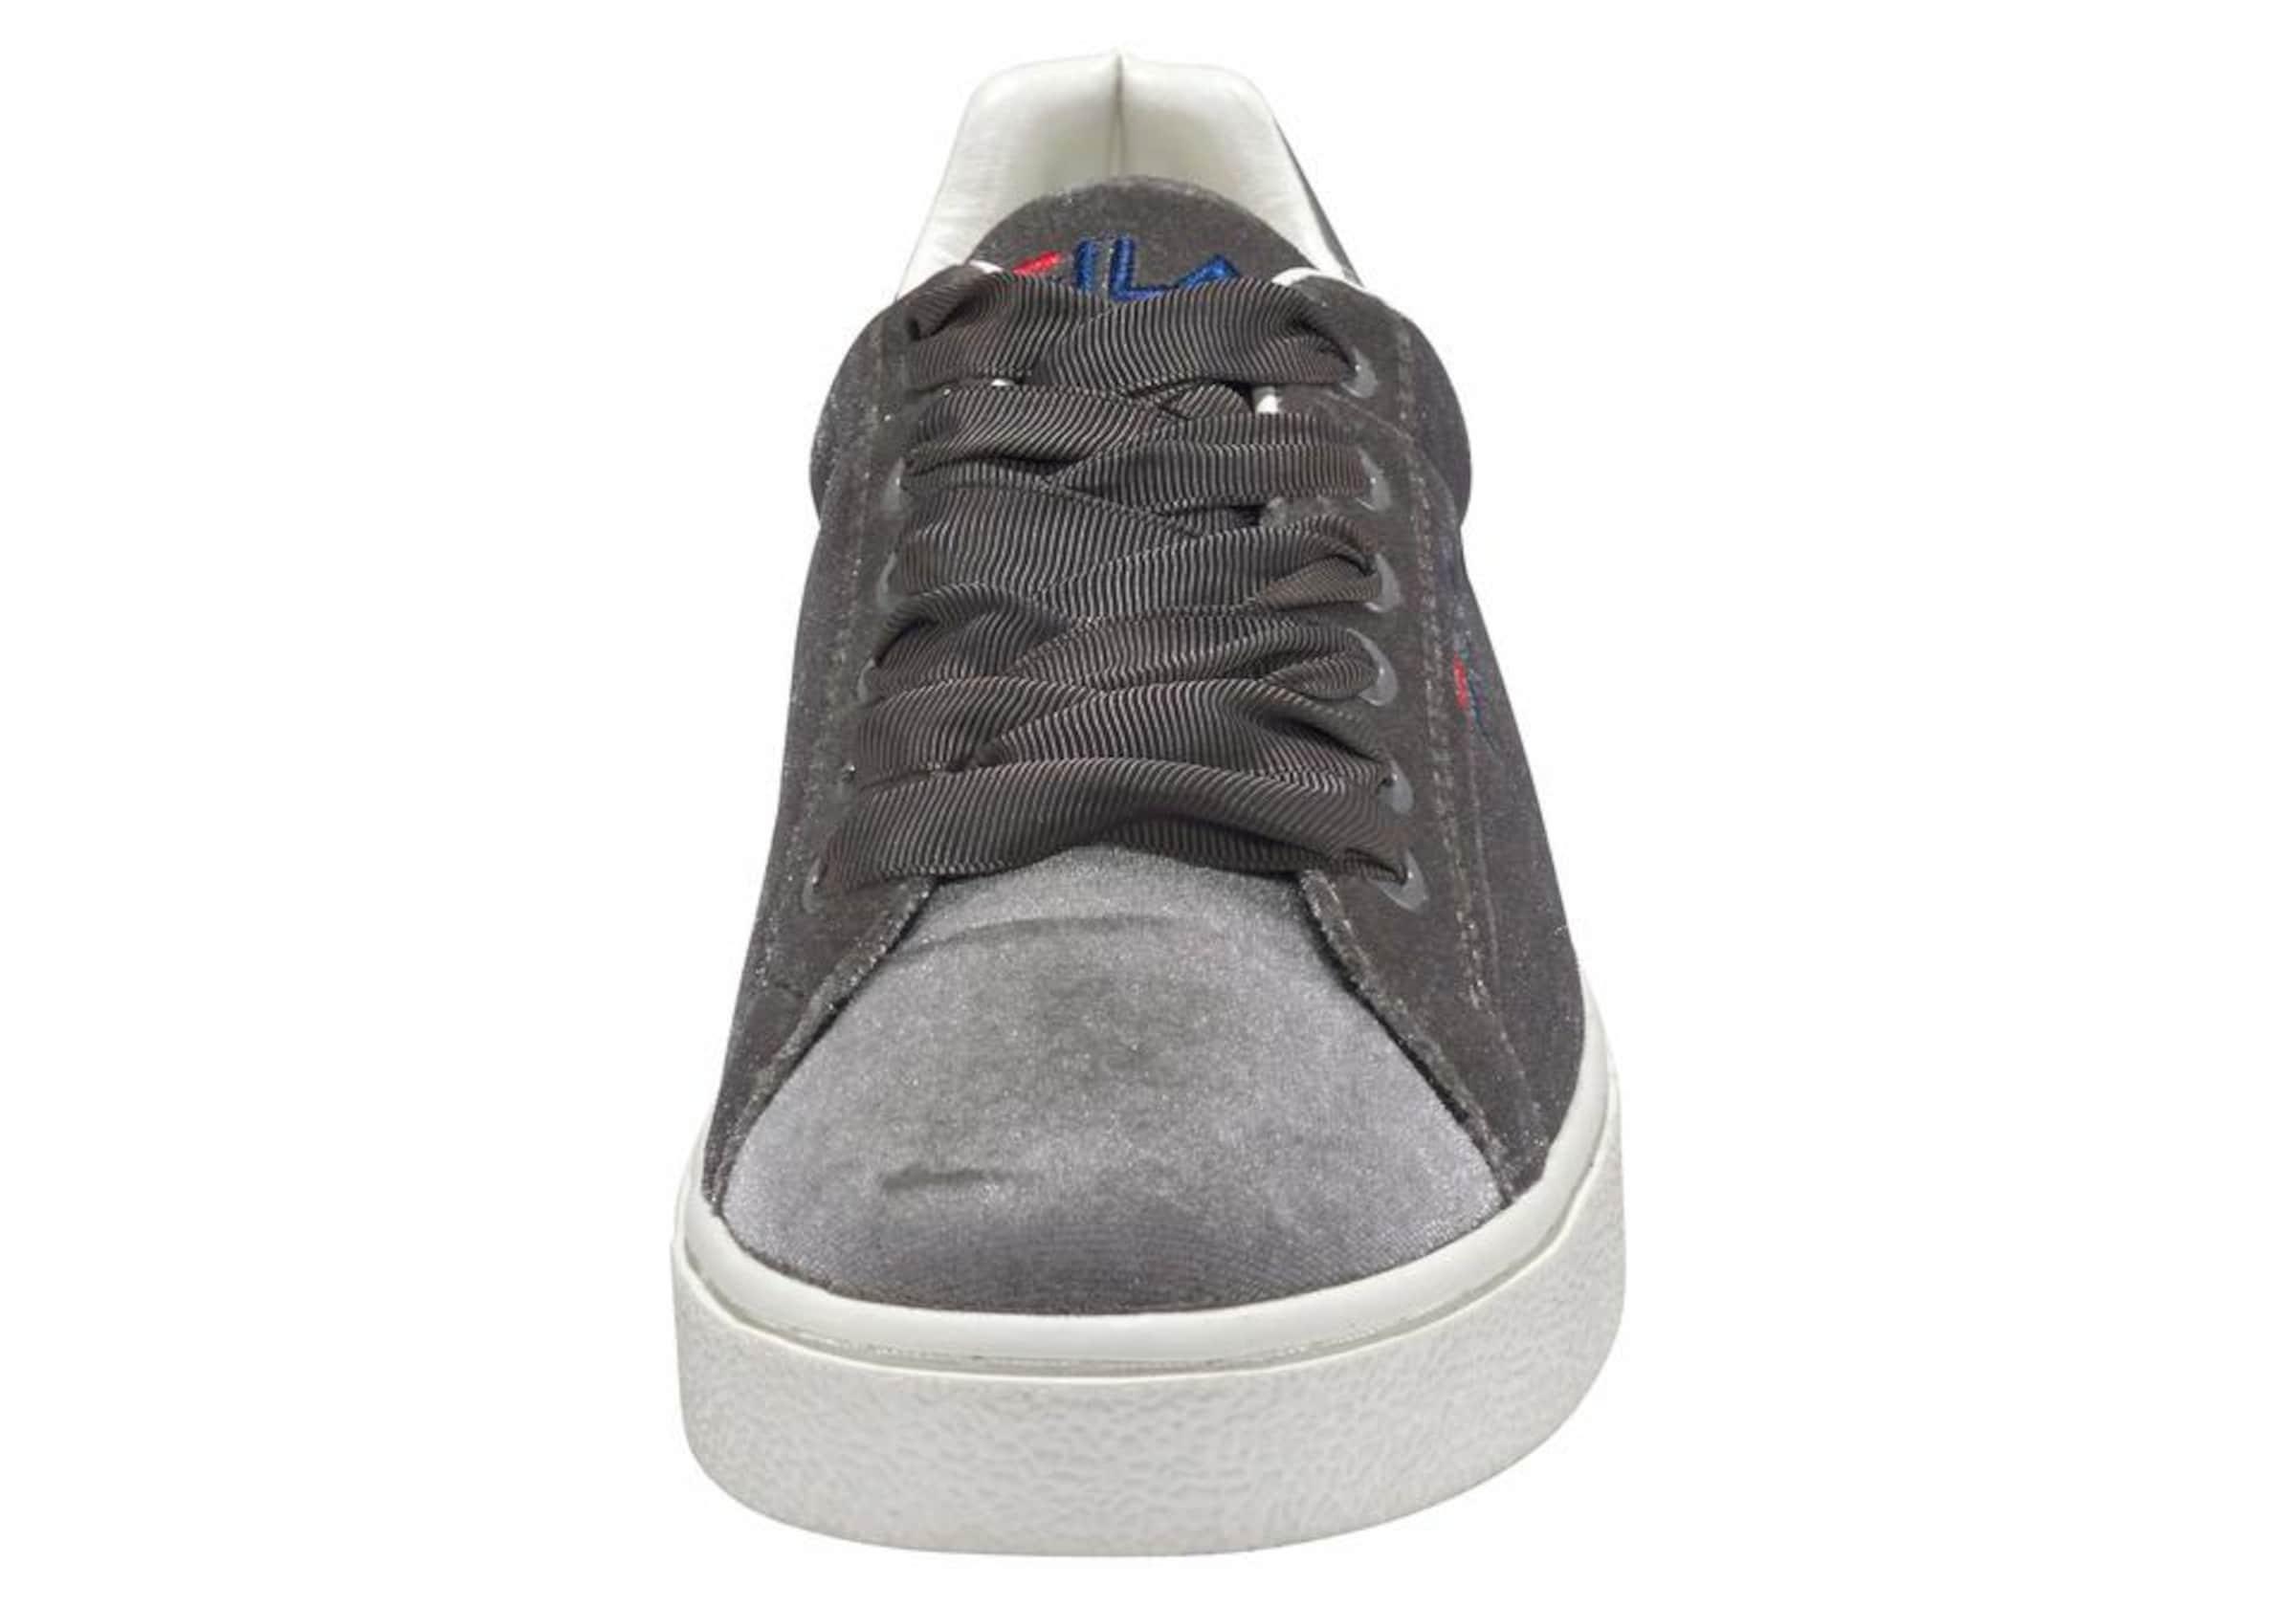 FILA Sneaker 'Upstage Velvet Low Wmn' Günstig Kaufen G93tRh